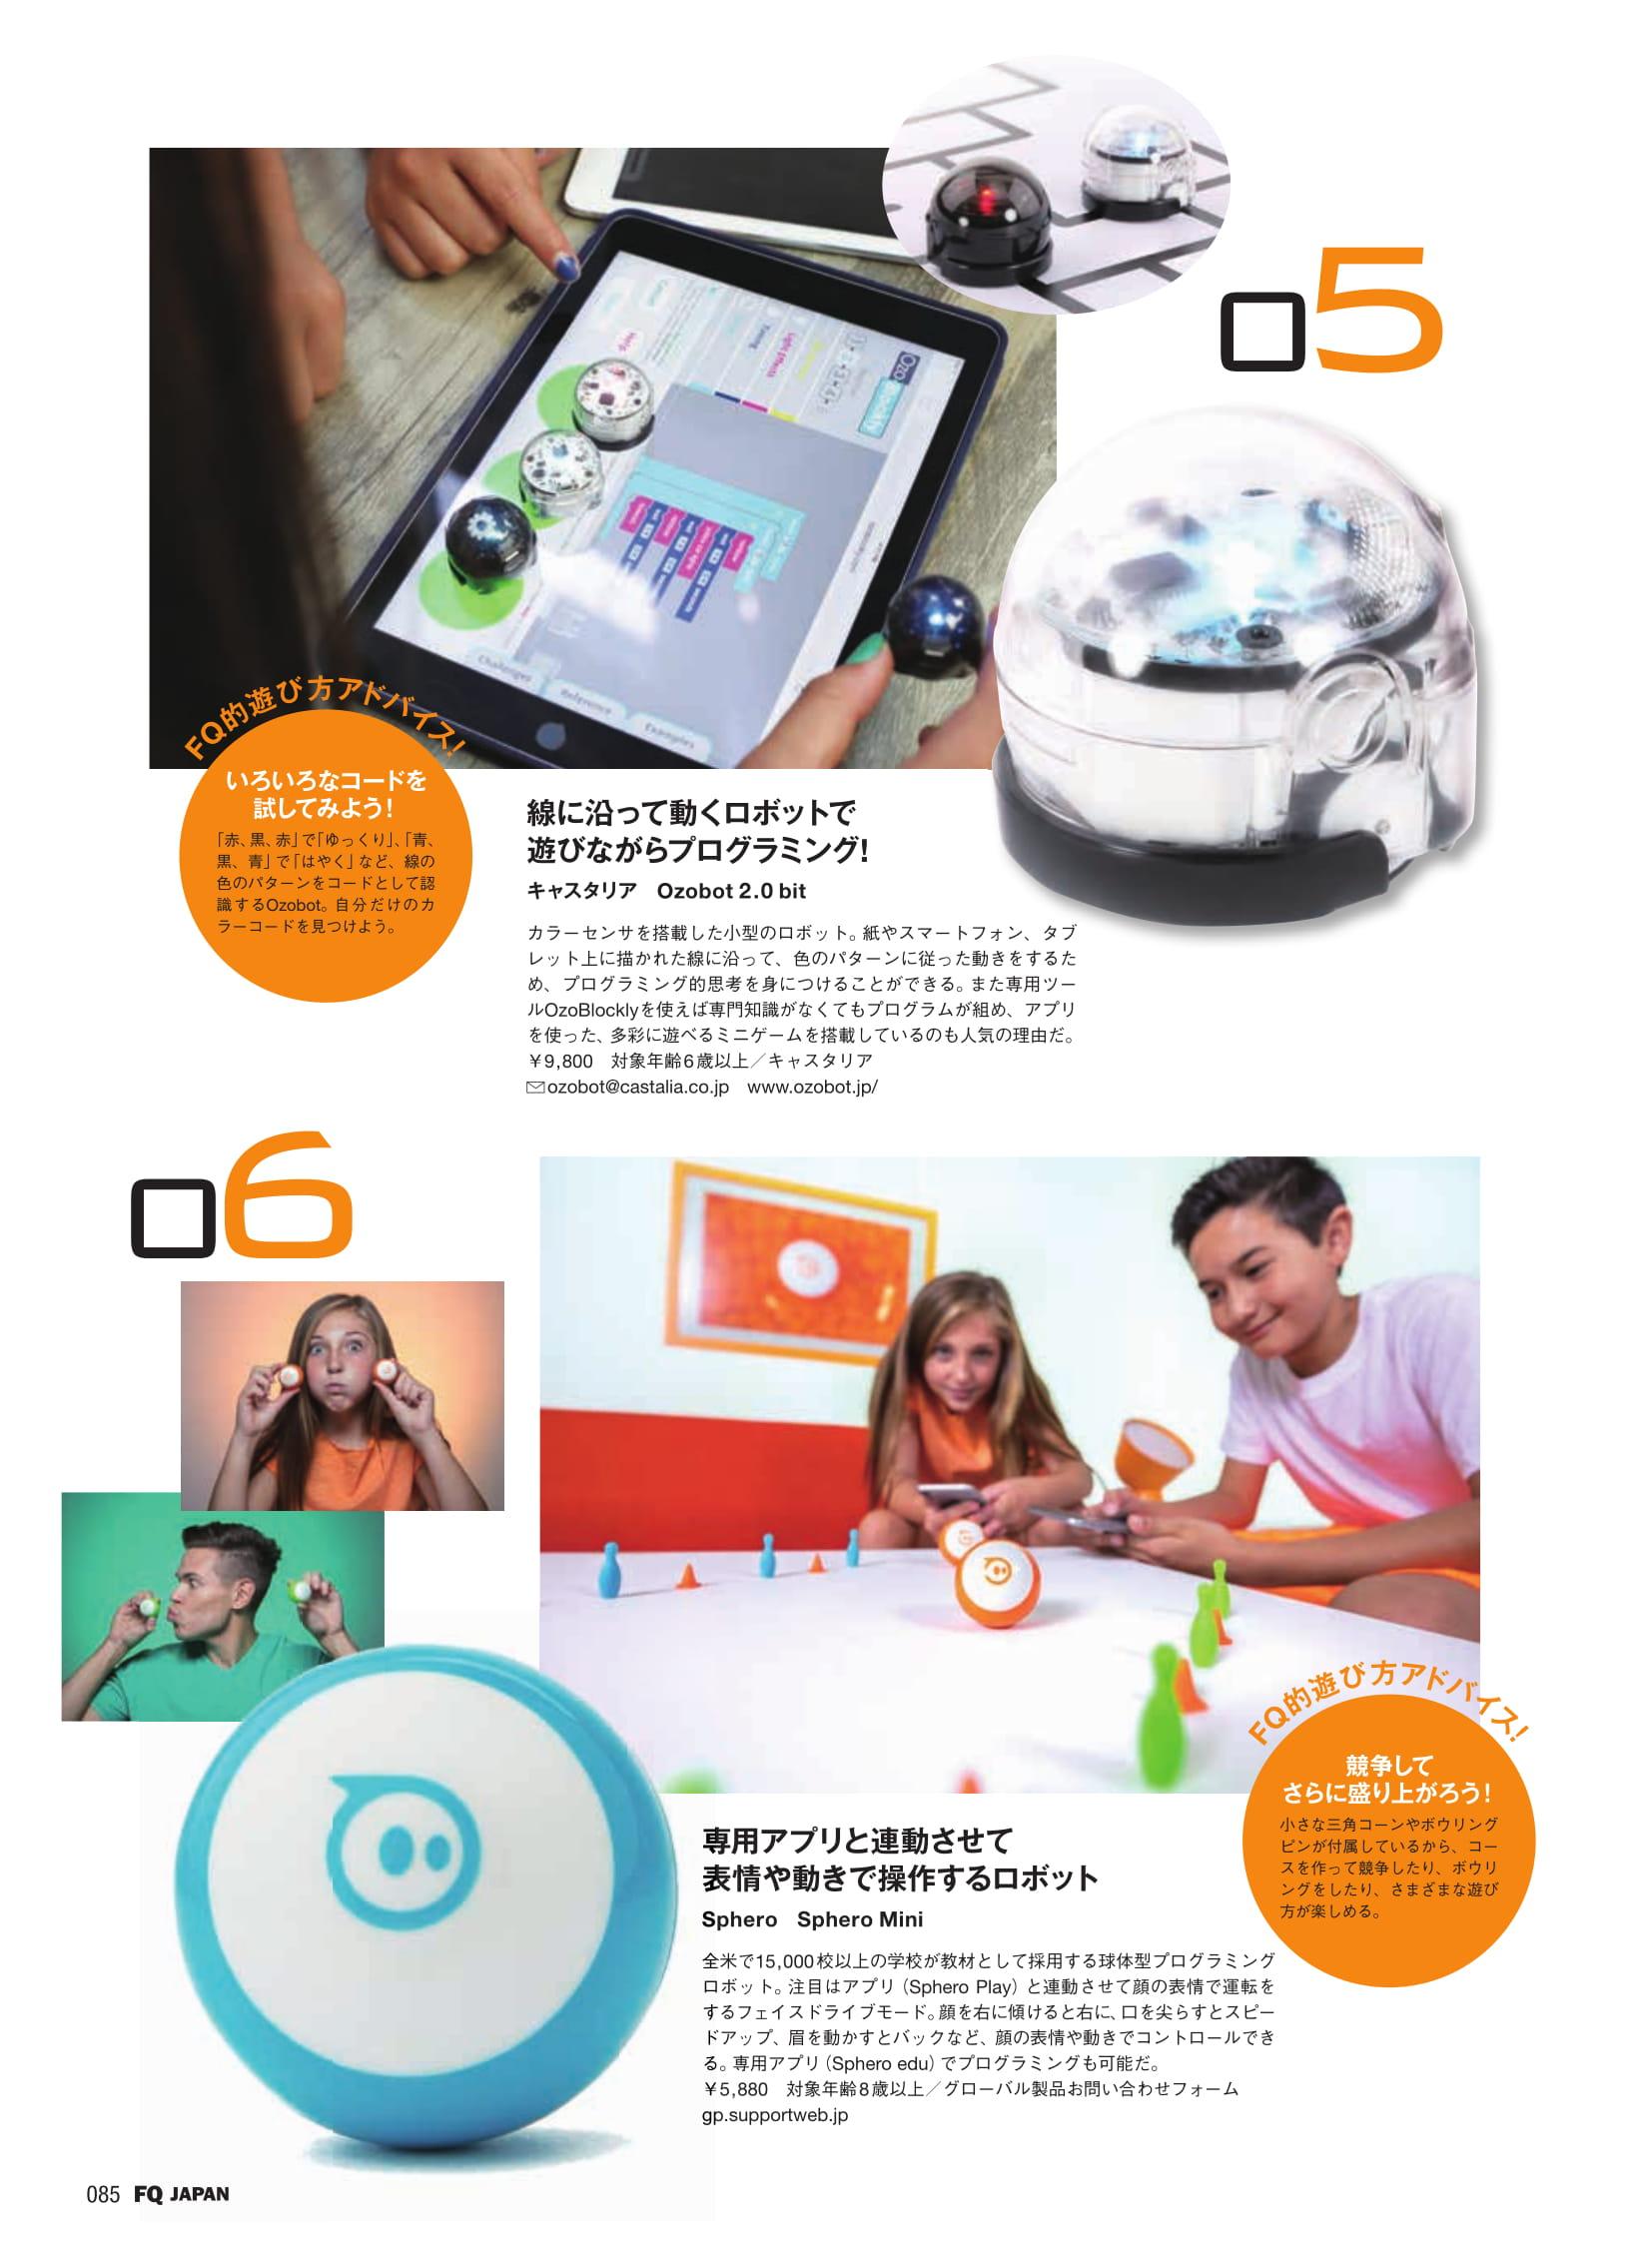 カラーセンサを搭載した小型のロボット。紙やスマートフォン、タブレット上に描かれた線に沿って、色のパターンに従った動きをするため、プログラミング的思考を身につけることができる。また専用ツールOzoBlocklyを使えば専門知識がなくてもプログラムが組め、アプリを使った、多彩に遊べるミニゲームを搭載しているのも人気の理由だ。¥9,800 対象年齢6歳以上/キャスタリア  いろいろなコードを試してみよう!「赤、黒、赤」で「ゆっくり」、「青、黒、青」で「はやく」など、線の色のパターンをコードとして認識するOzobot。自分だけのカラーコードを見つけよう。